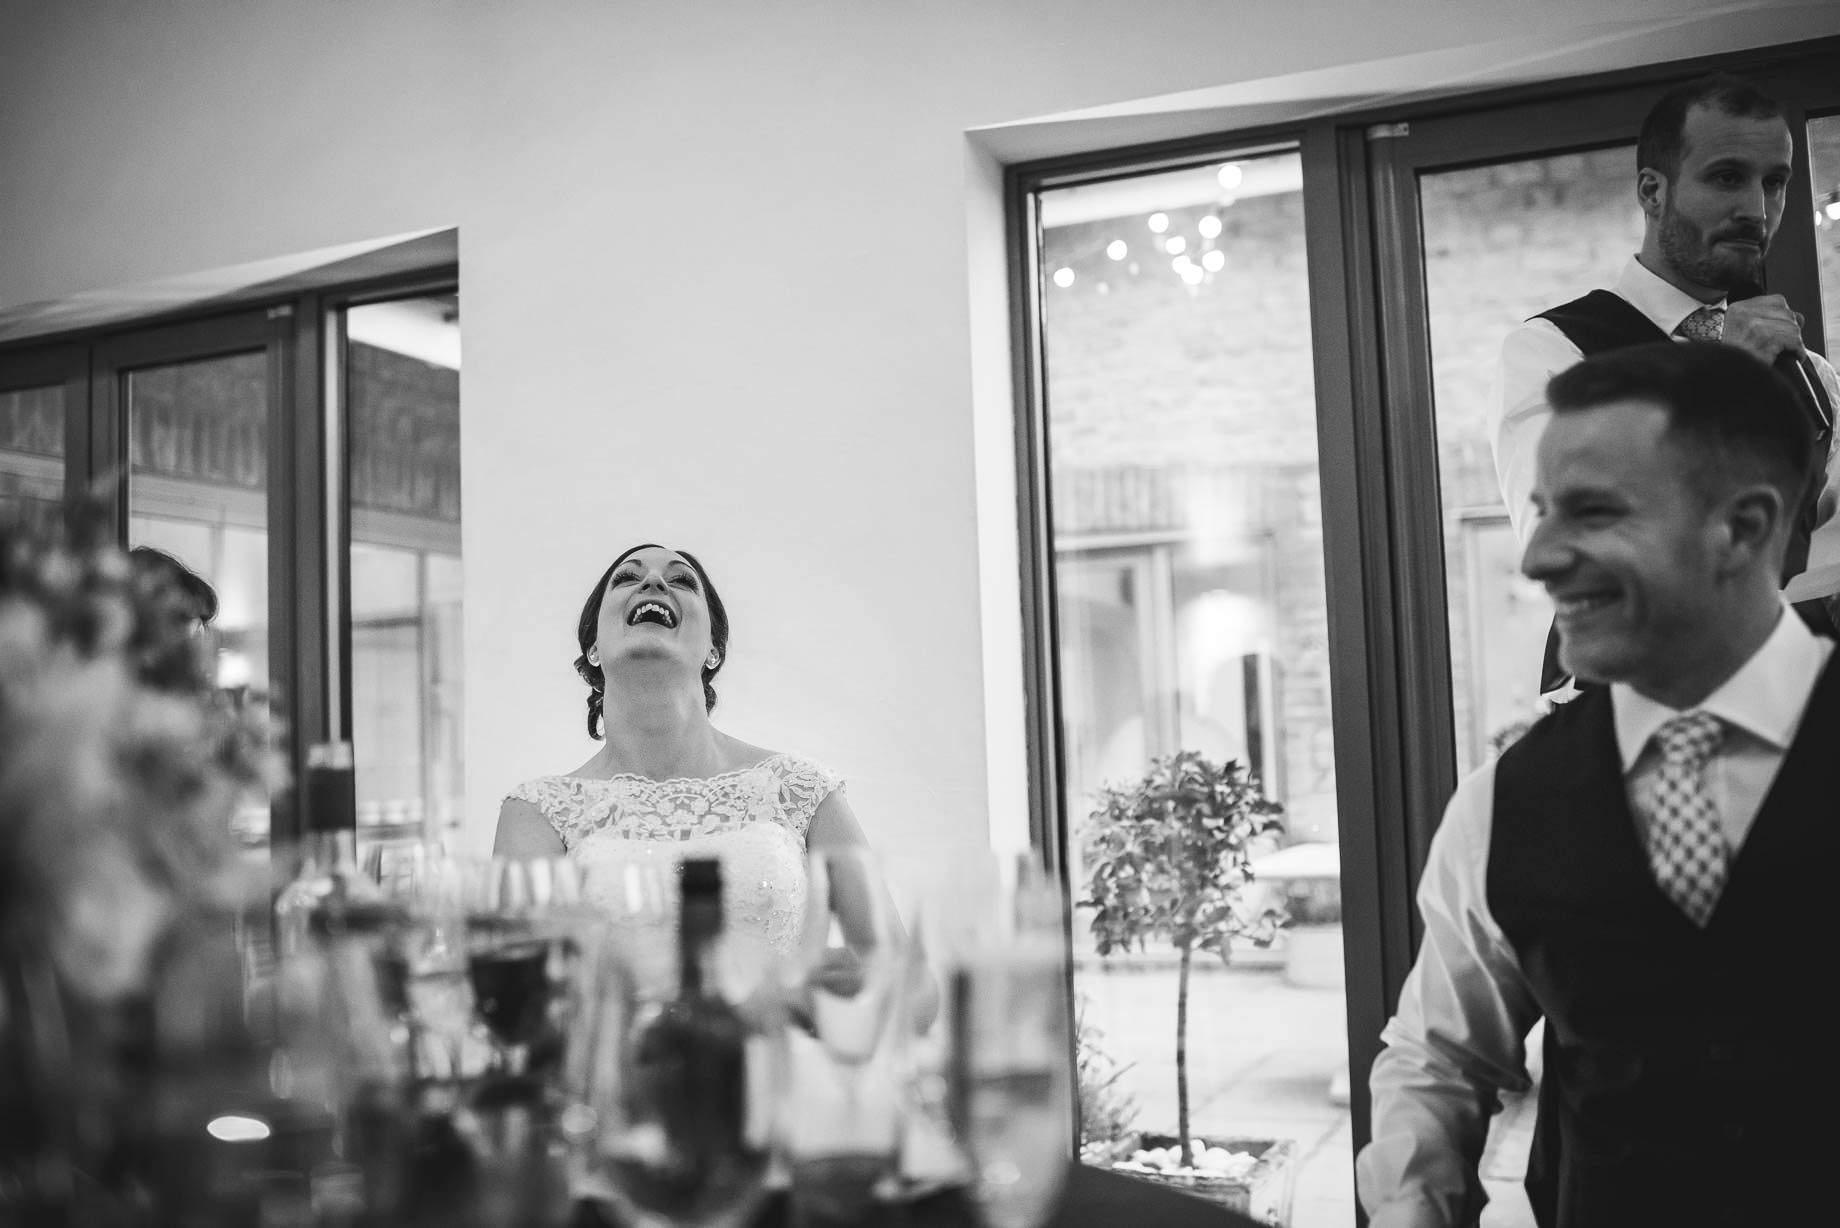 Millbridge Court Wedding Photography - Lisa and Daniel (155 of 173)